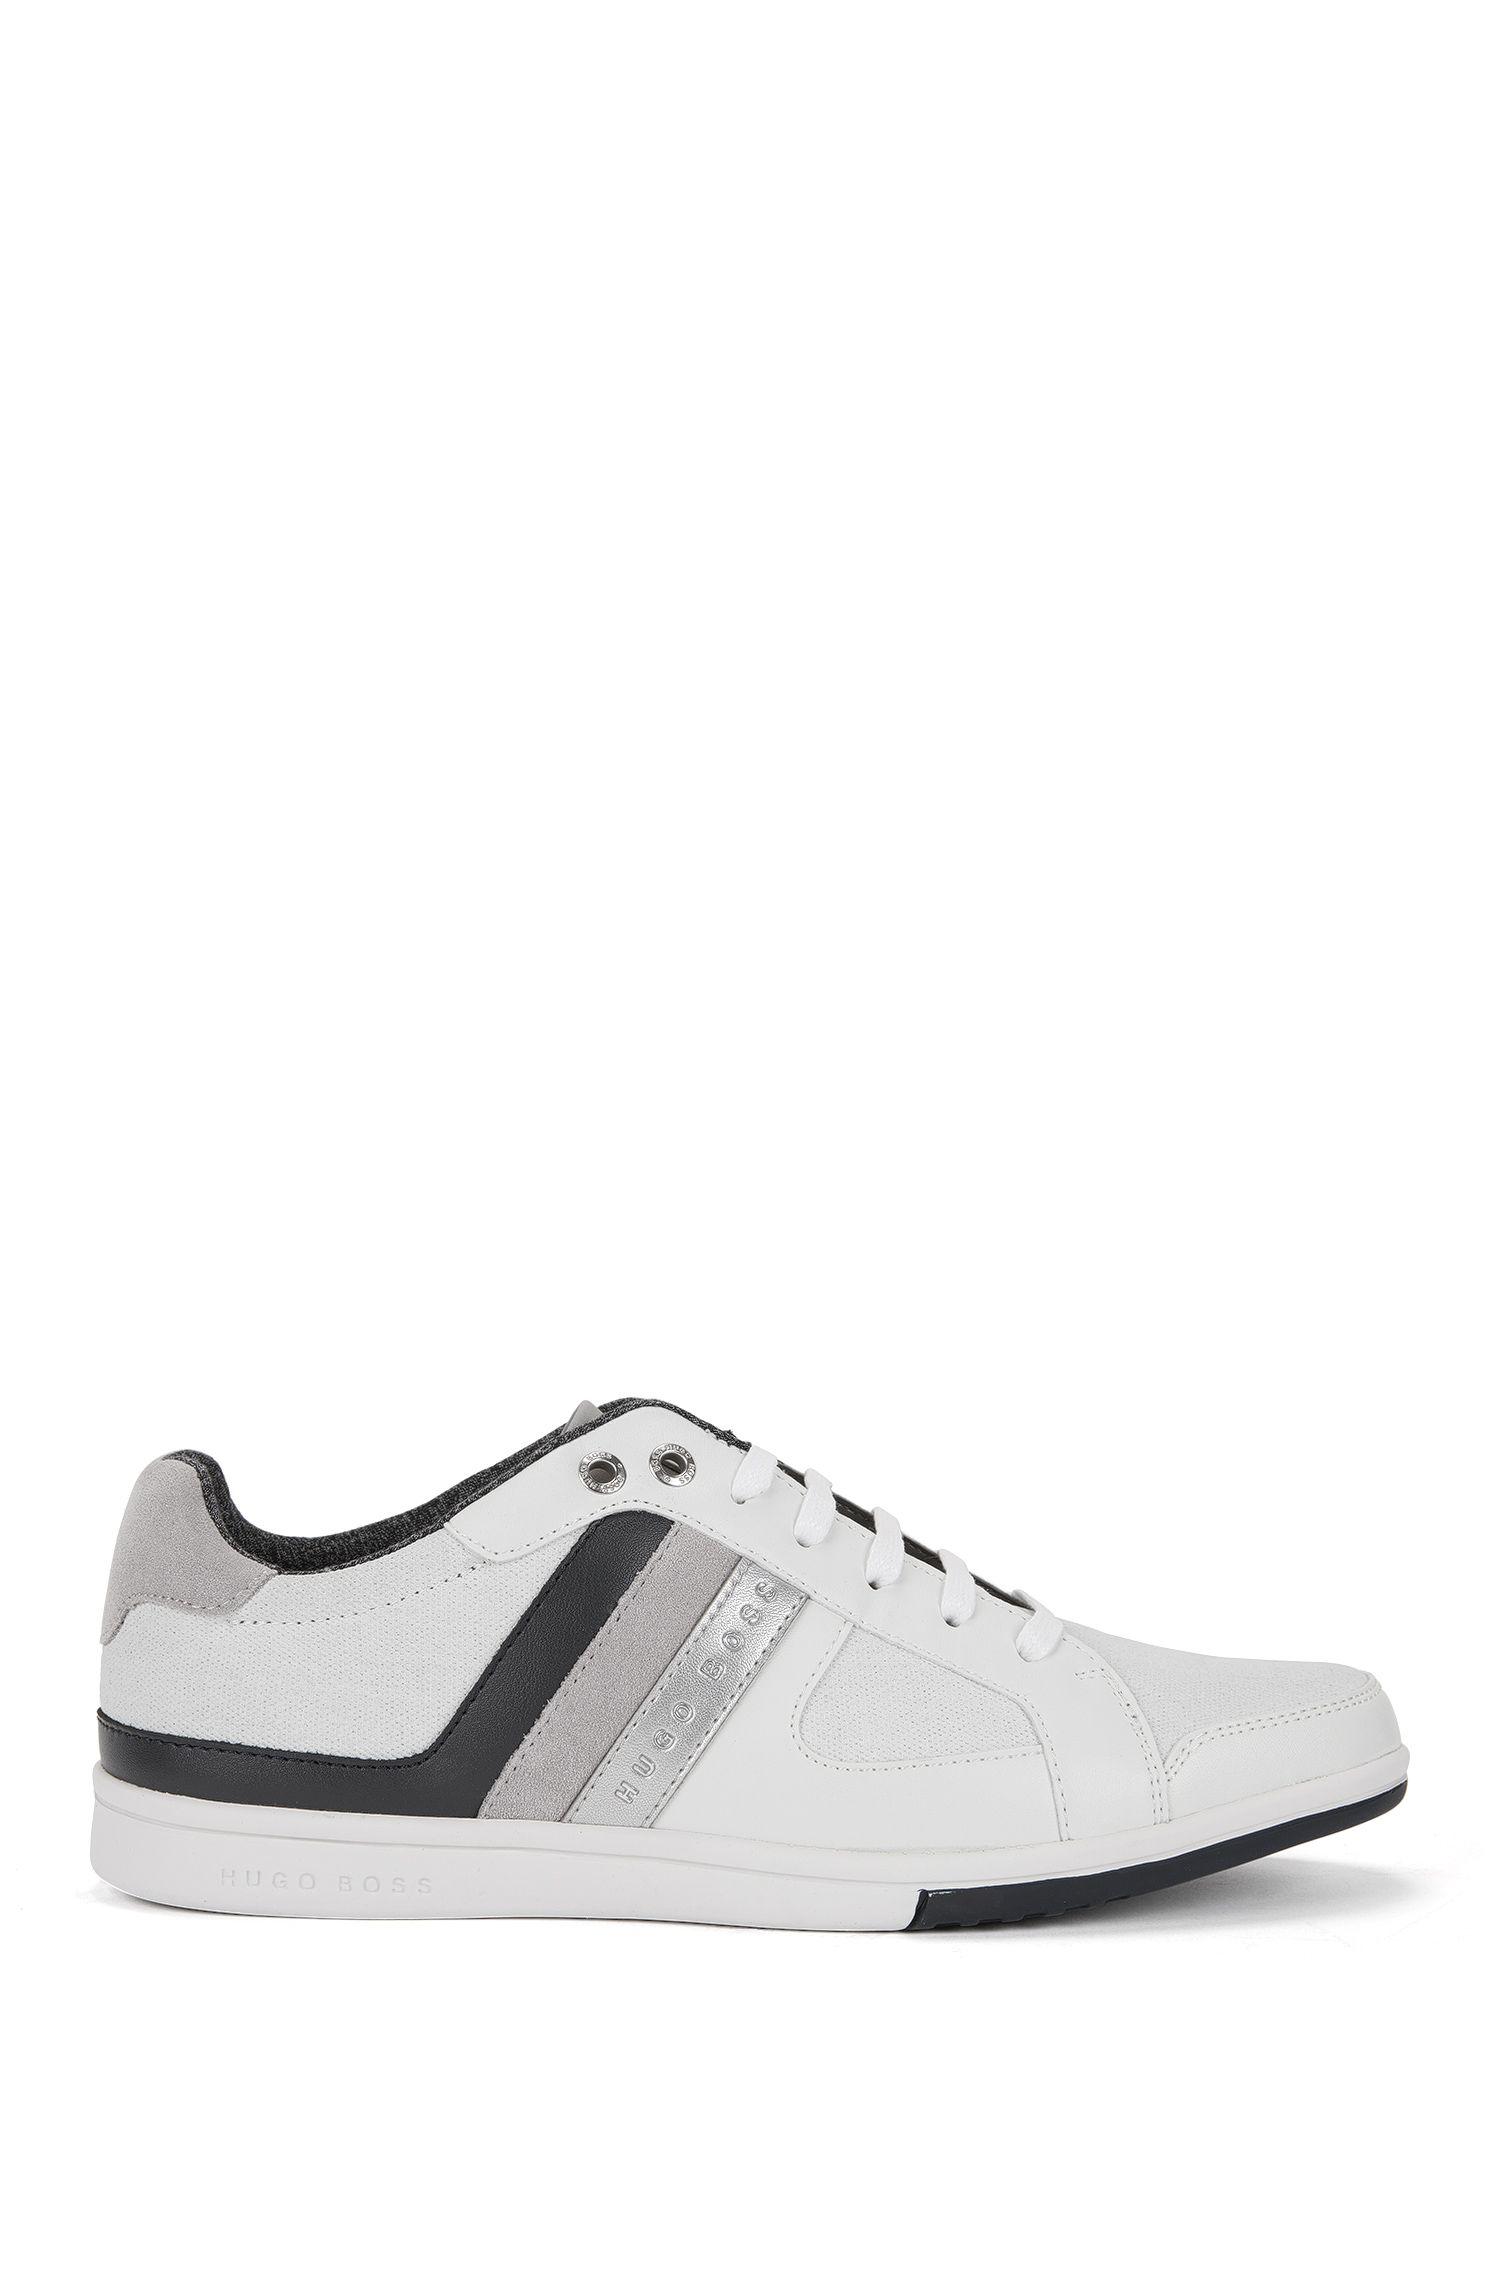 Coated Mesh Sneaker | Metro Tenn DNC